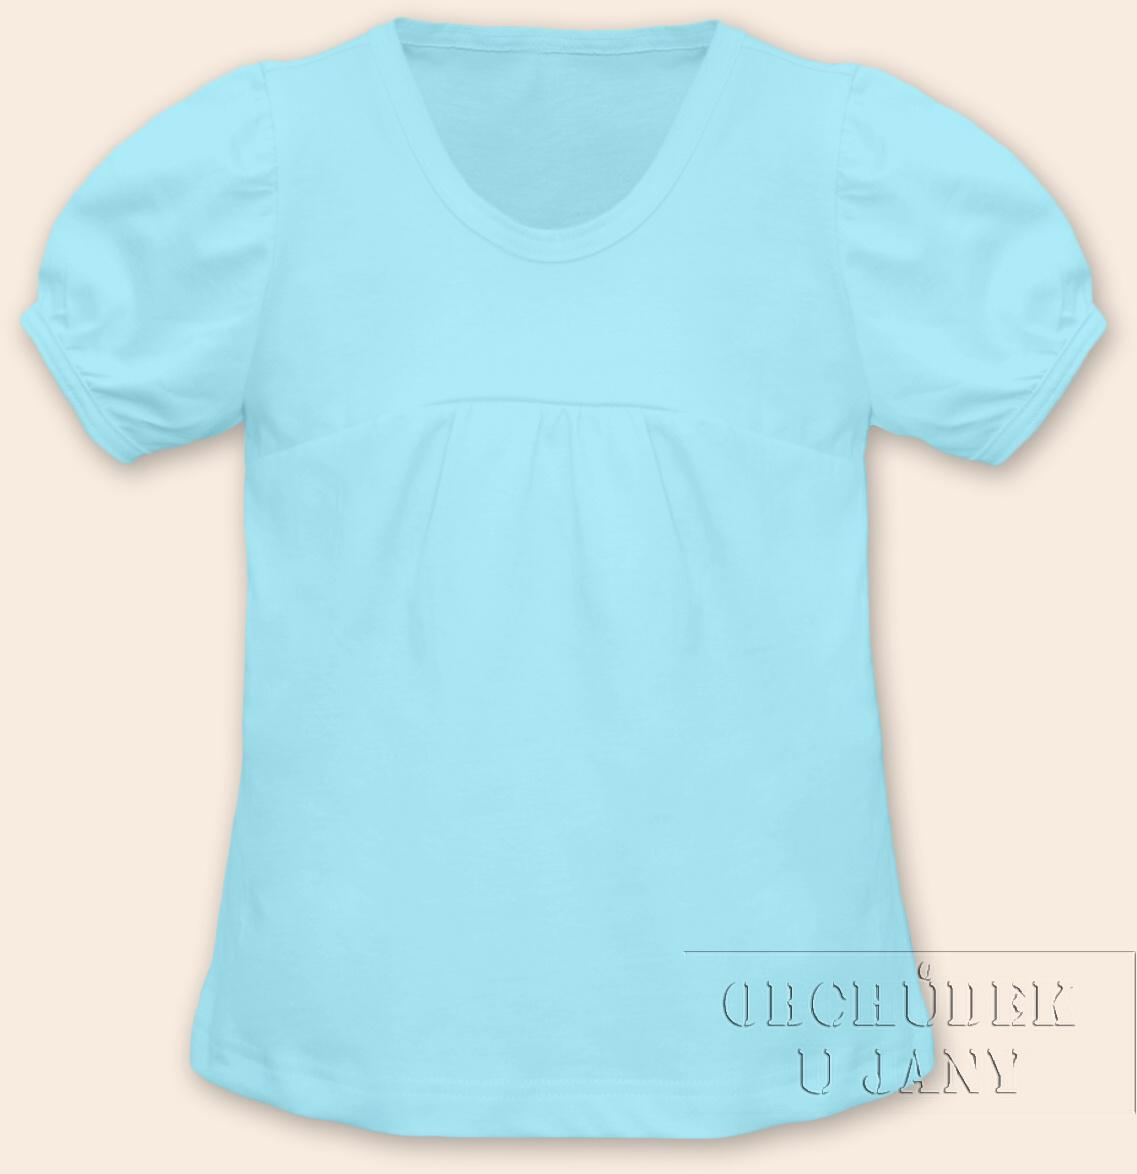 Dívčí tričko jednobarevné tyrkysové